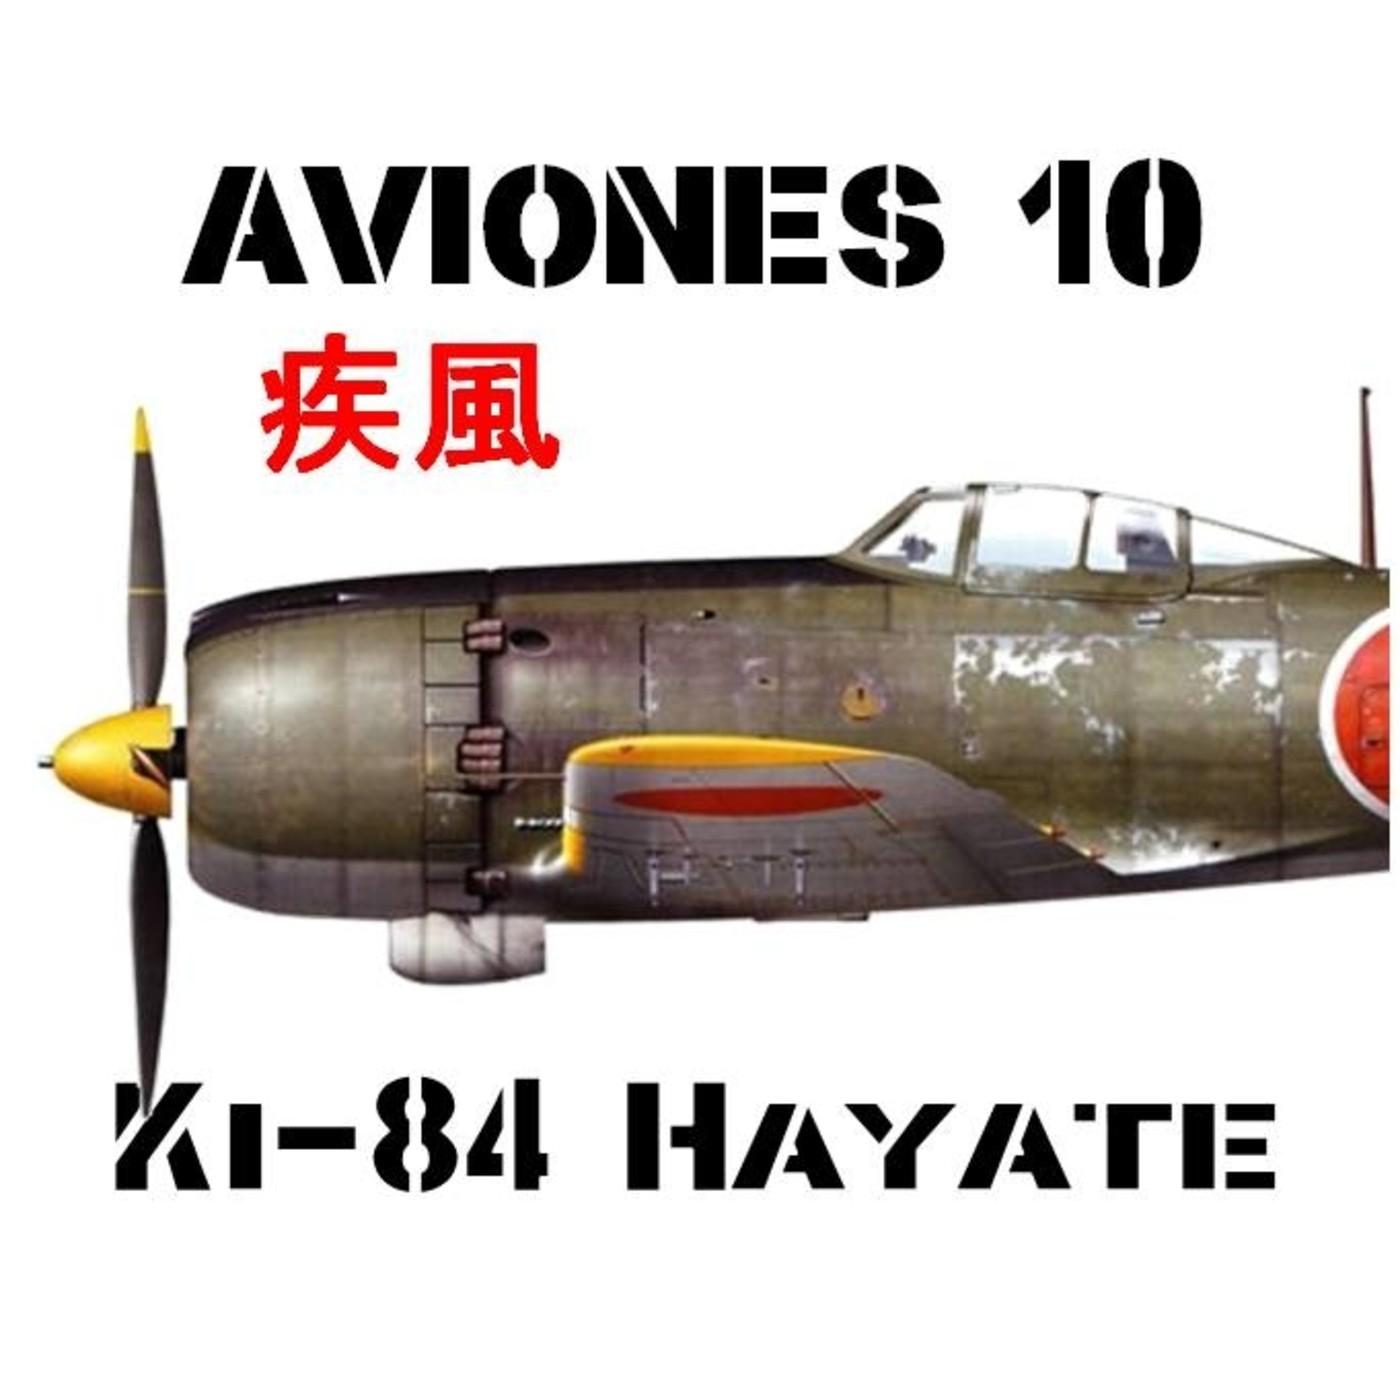 Aviones 10 #72 Nakajima Ki-84 Hayate - Historia Caza Japón Pacífico